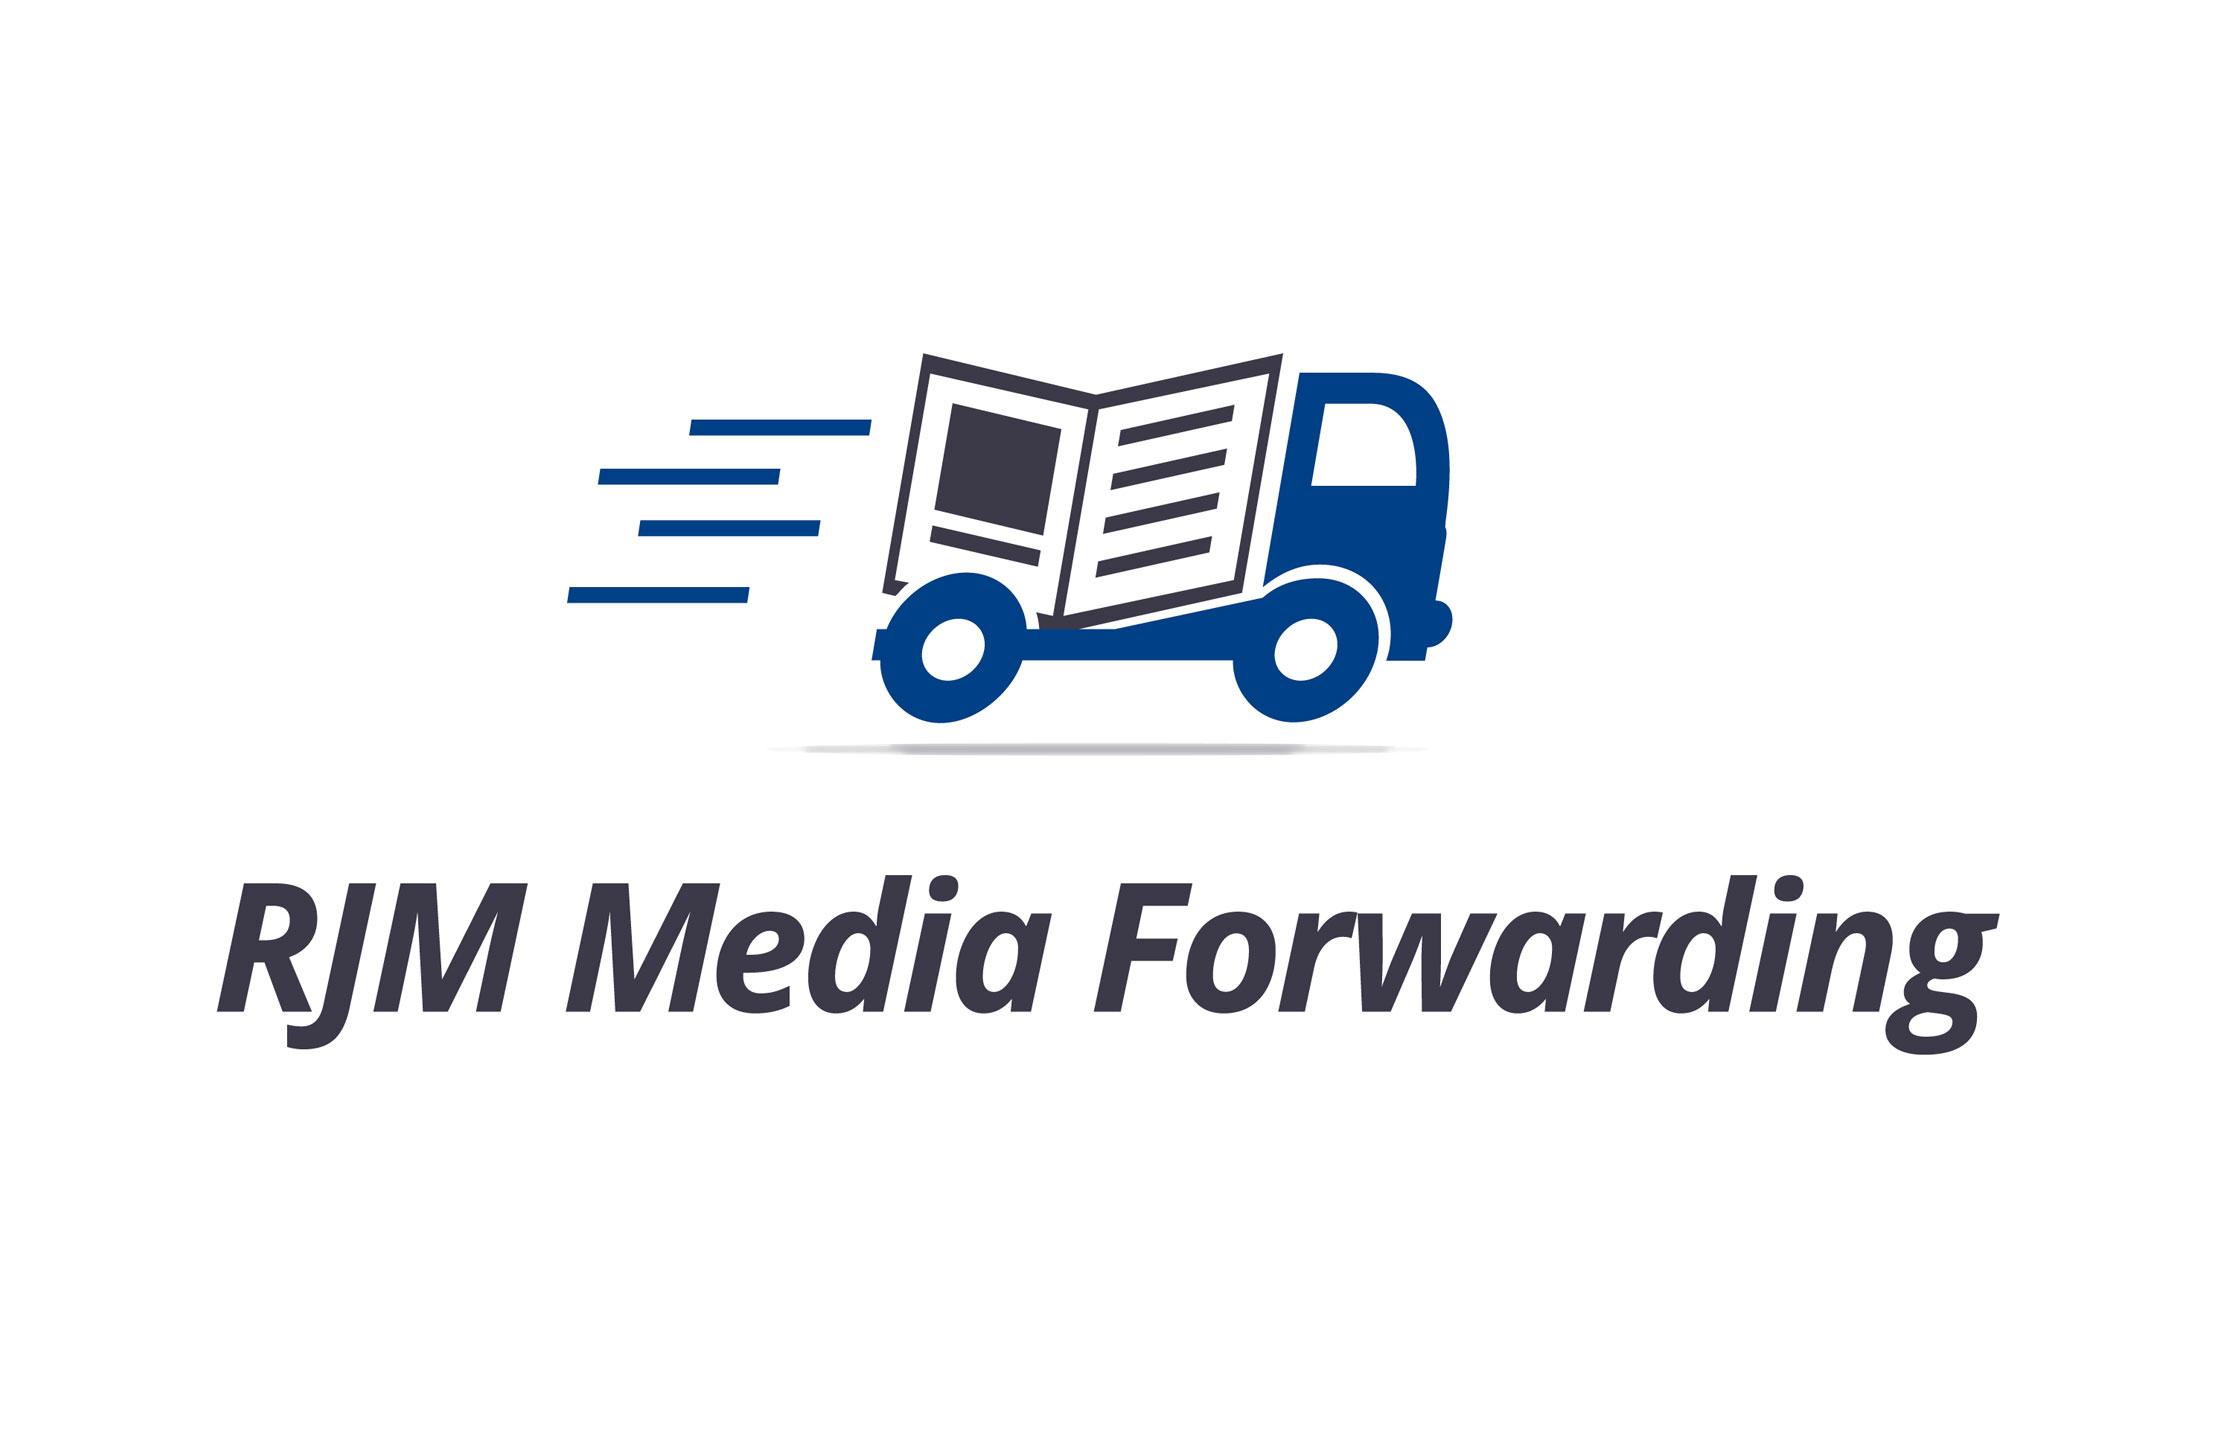 RJM Media Forwarding Logo